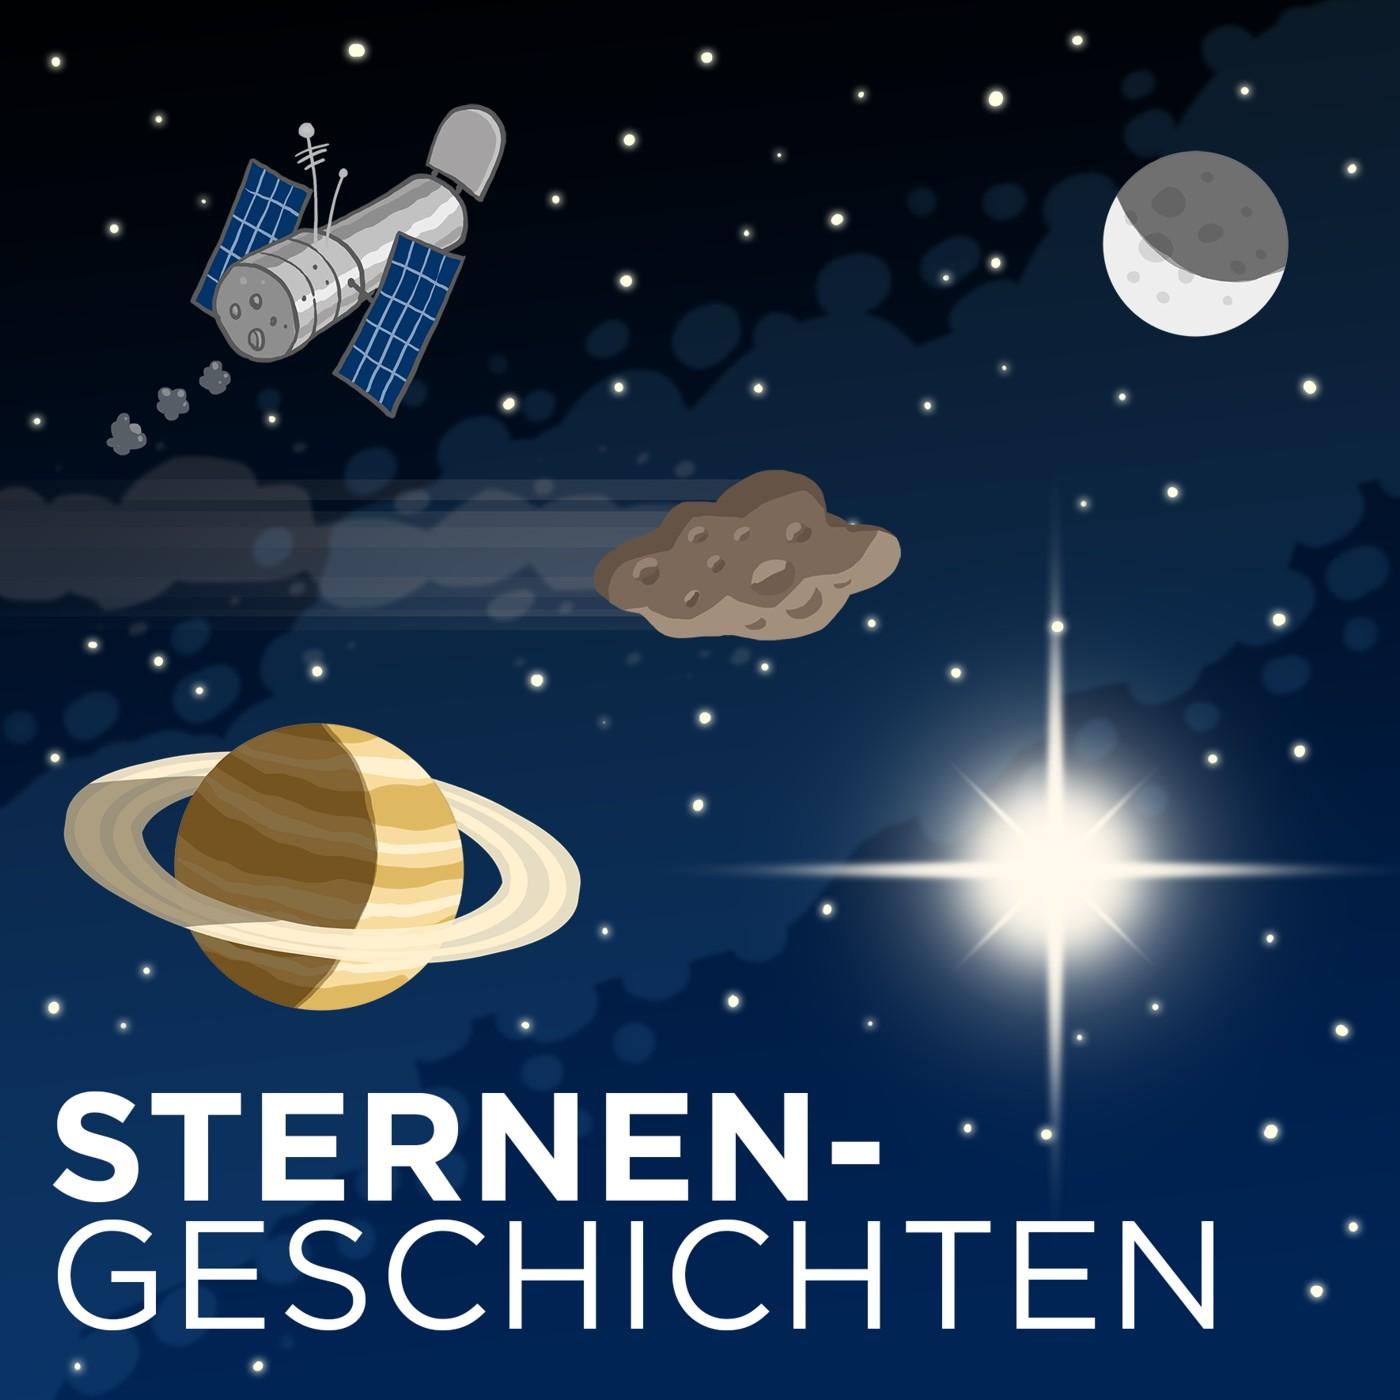 Sternengeschichten Folge 409: Shakespeare am Himmel - Die Entdeckung der Monde des Uranus